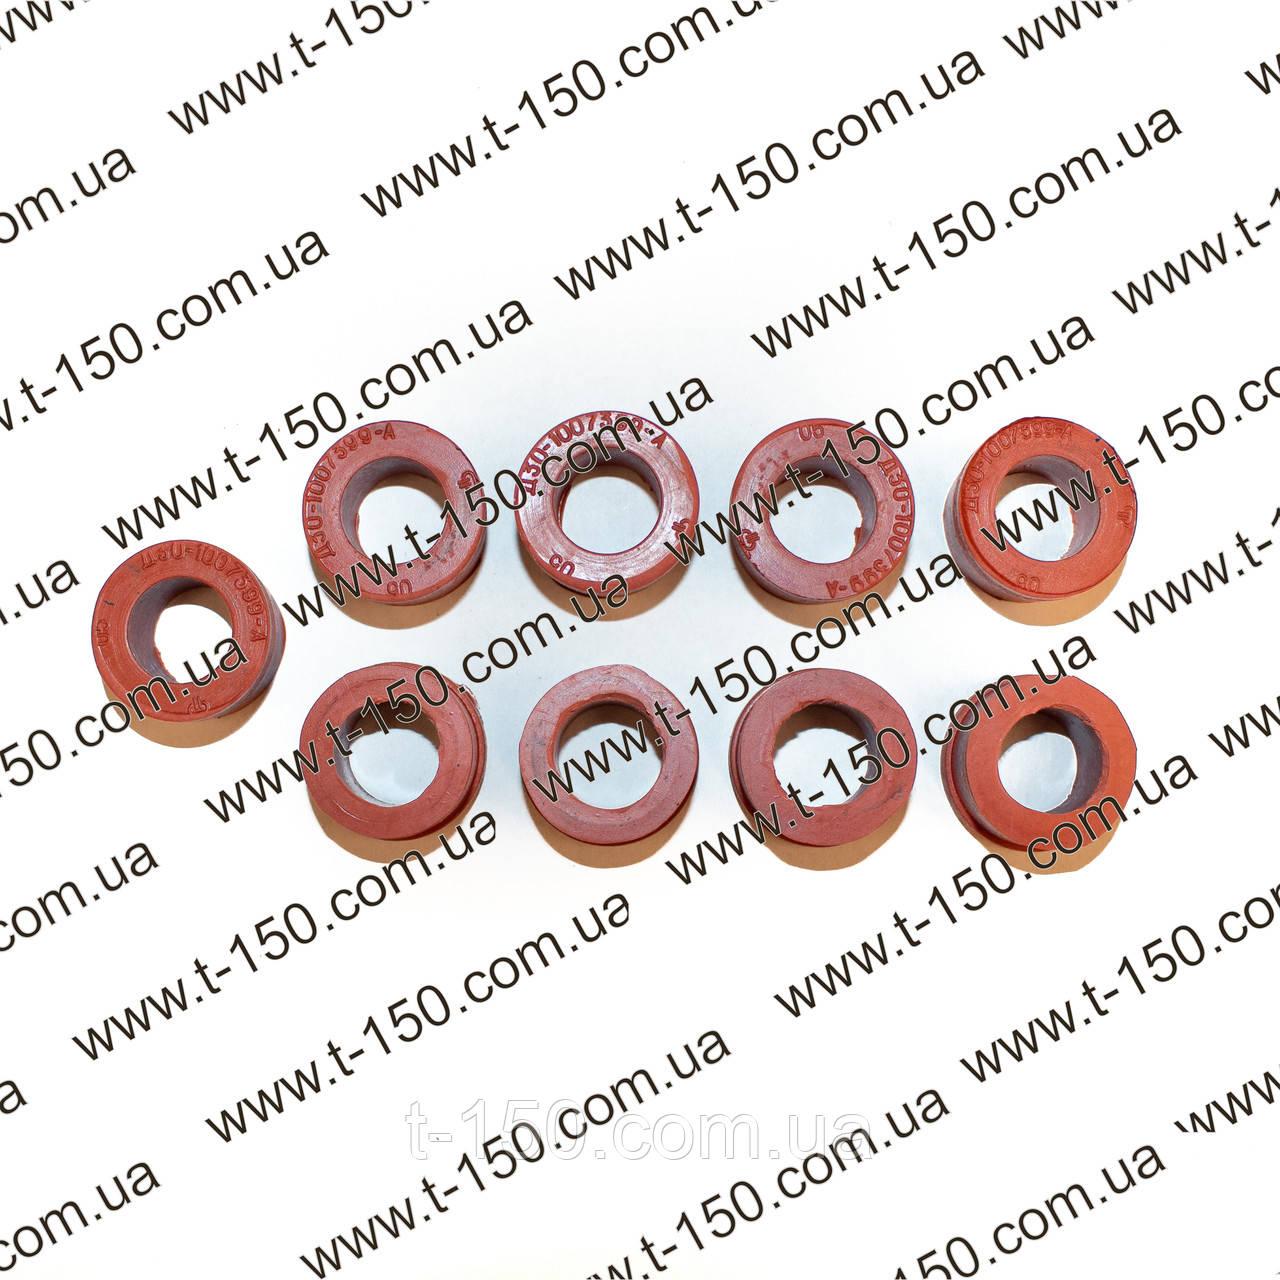 Ремкомплект втулок направляющих штанг клапанов Д-21(кол-во 9шт.) силикон